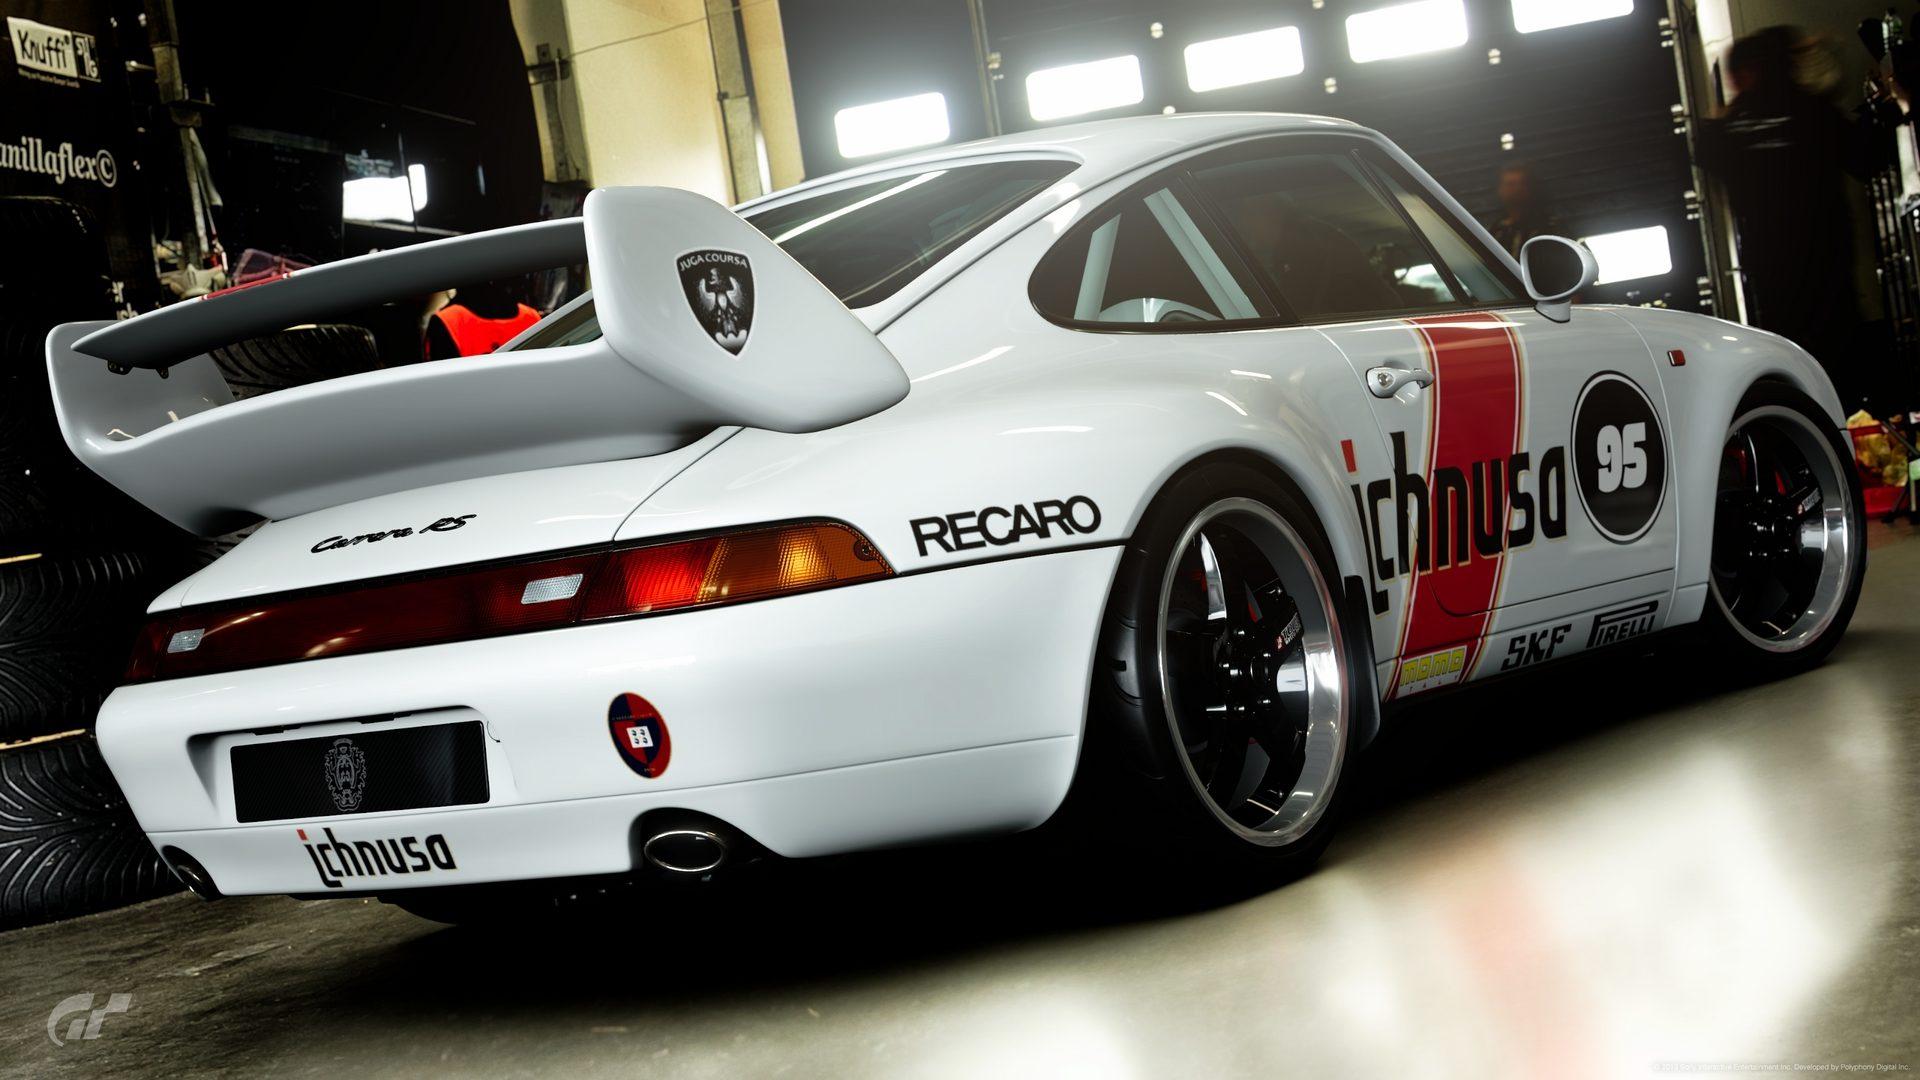 Porsche 911 Carrera Rs Cs Juga Coursa 95